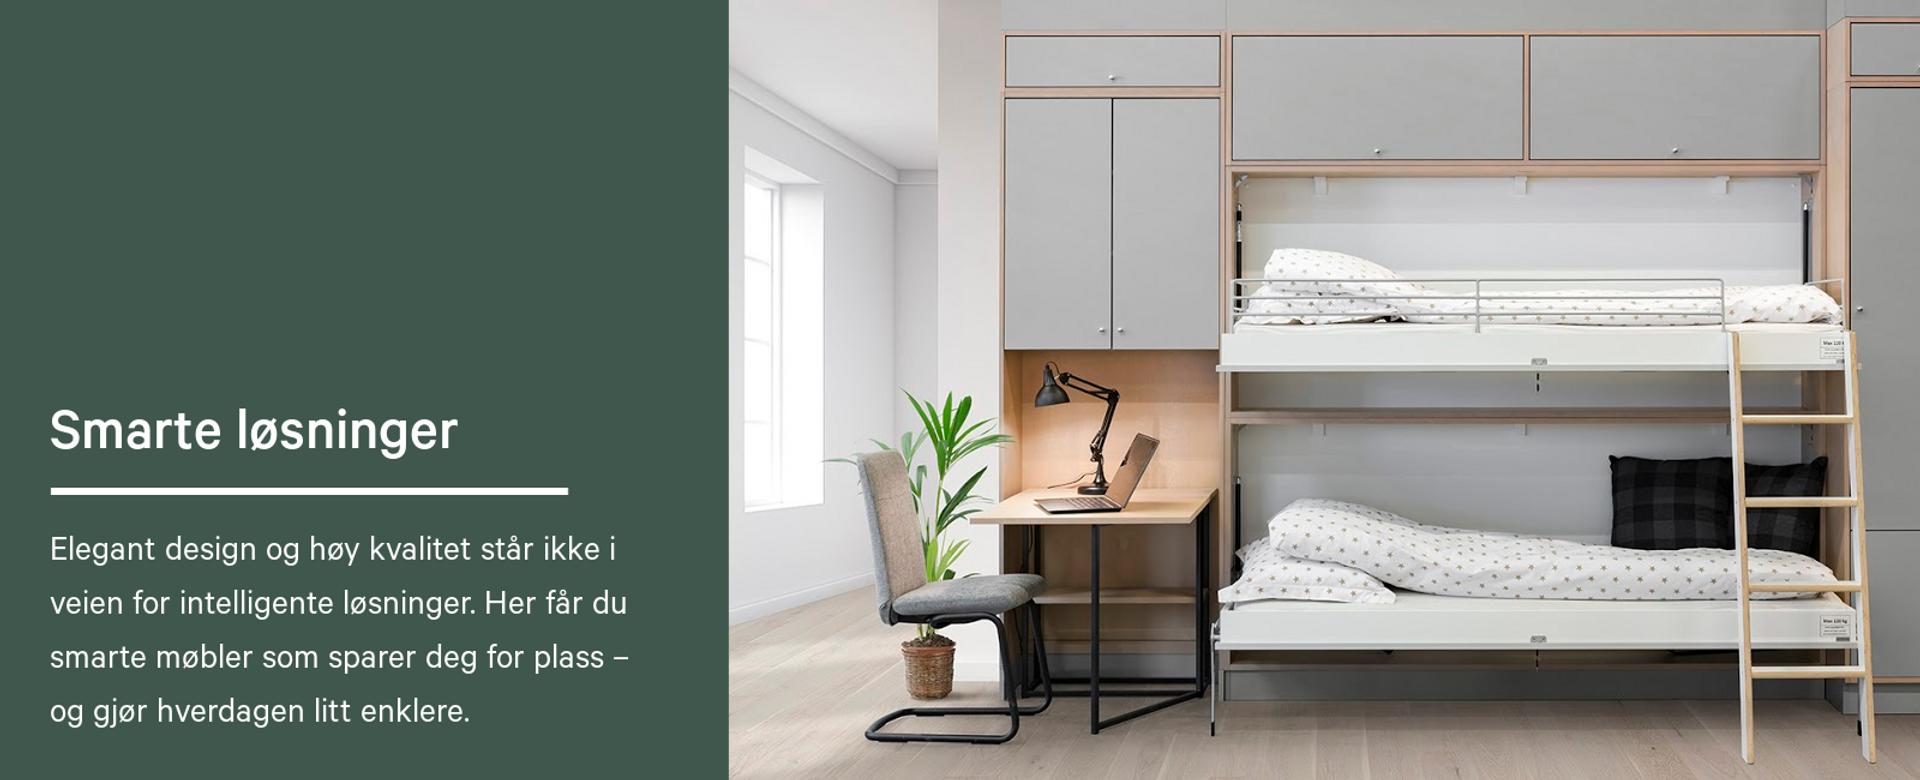 Smarte løsninger. Elegant design og høy kvalitet står ikke i veien for intelligente løsninger. Her får du smarte møbler som sparer deg for plass – og gjør hverdagen litt enklere.